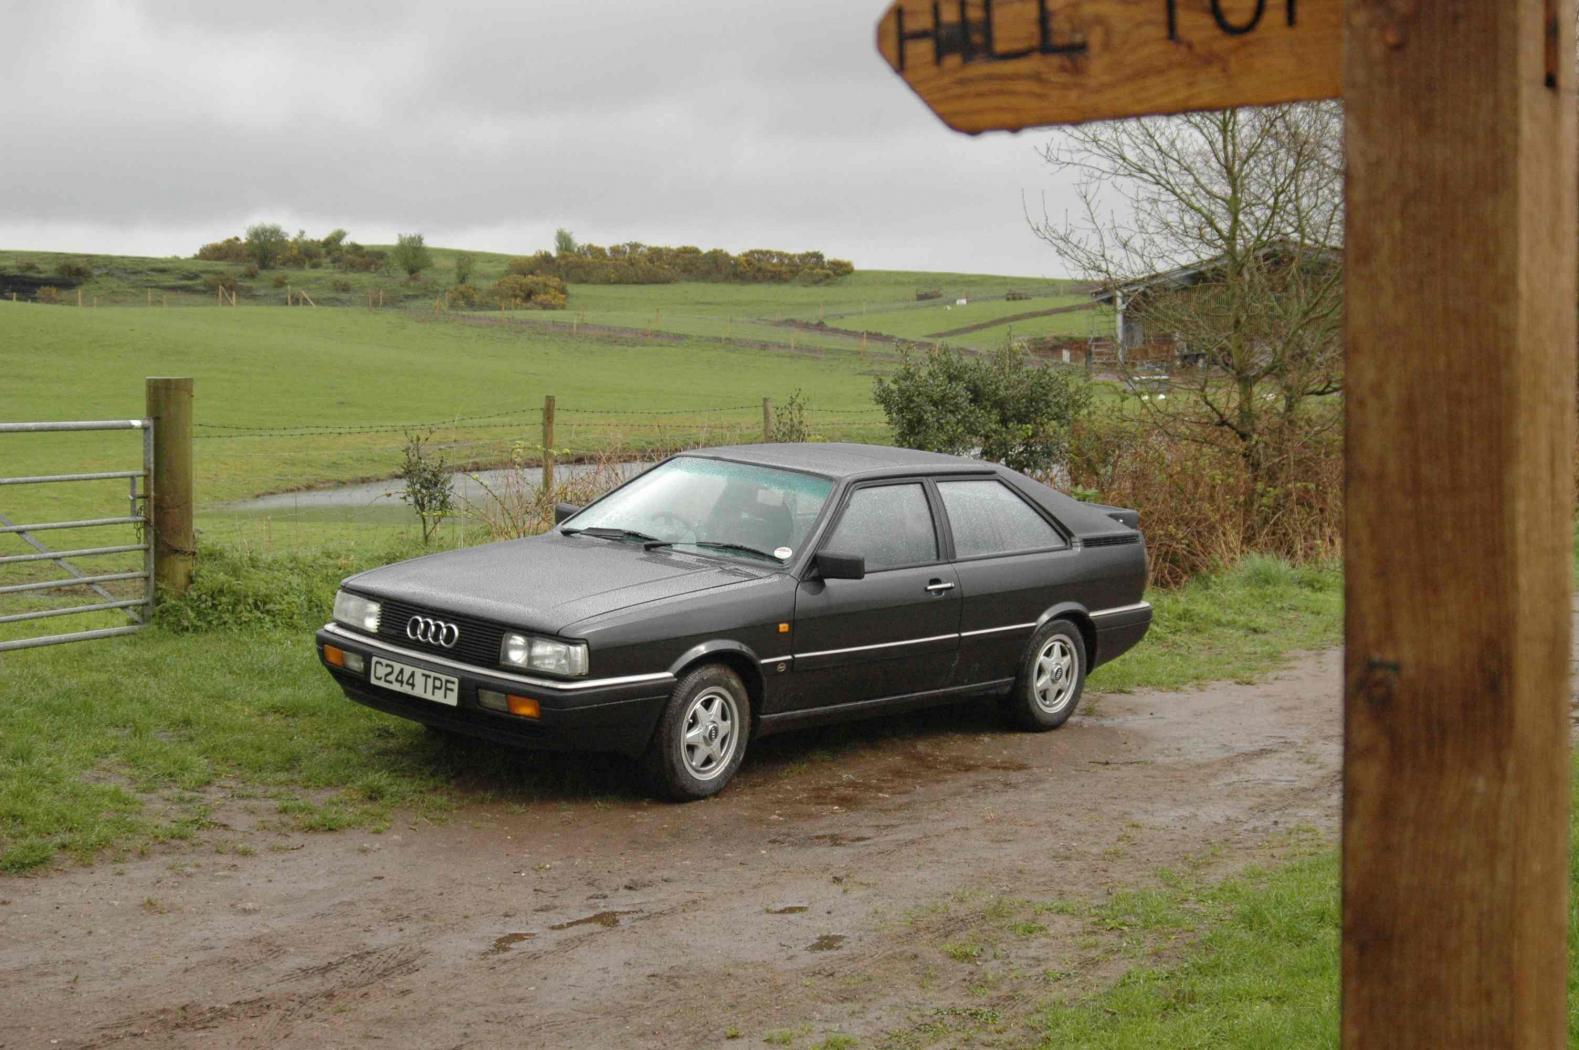 Audi-Quattro-WR-3